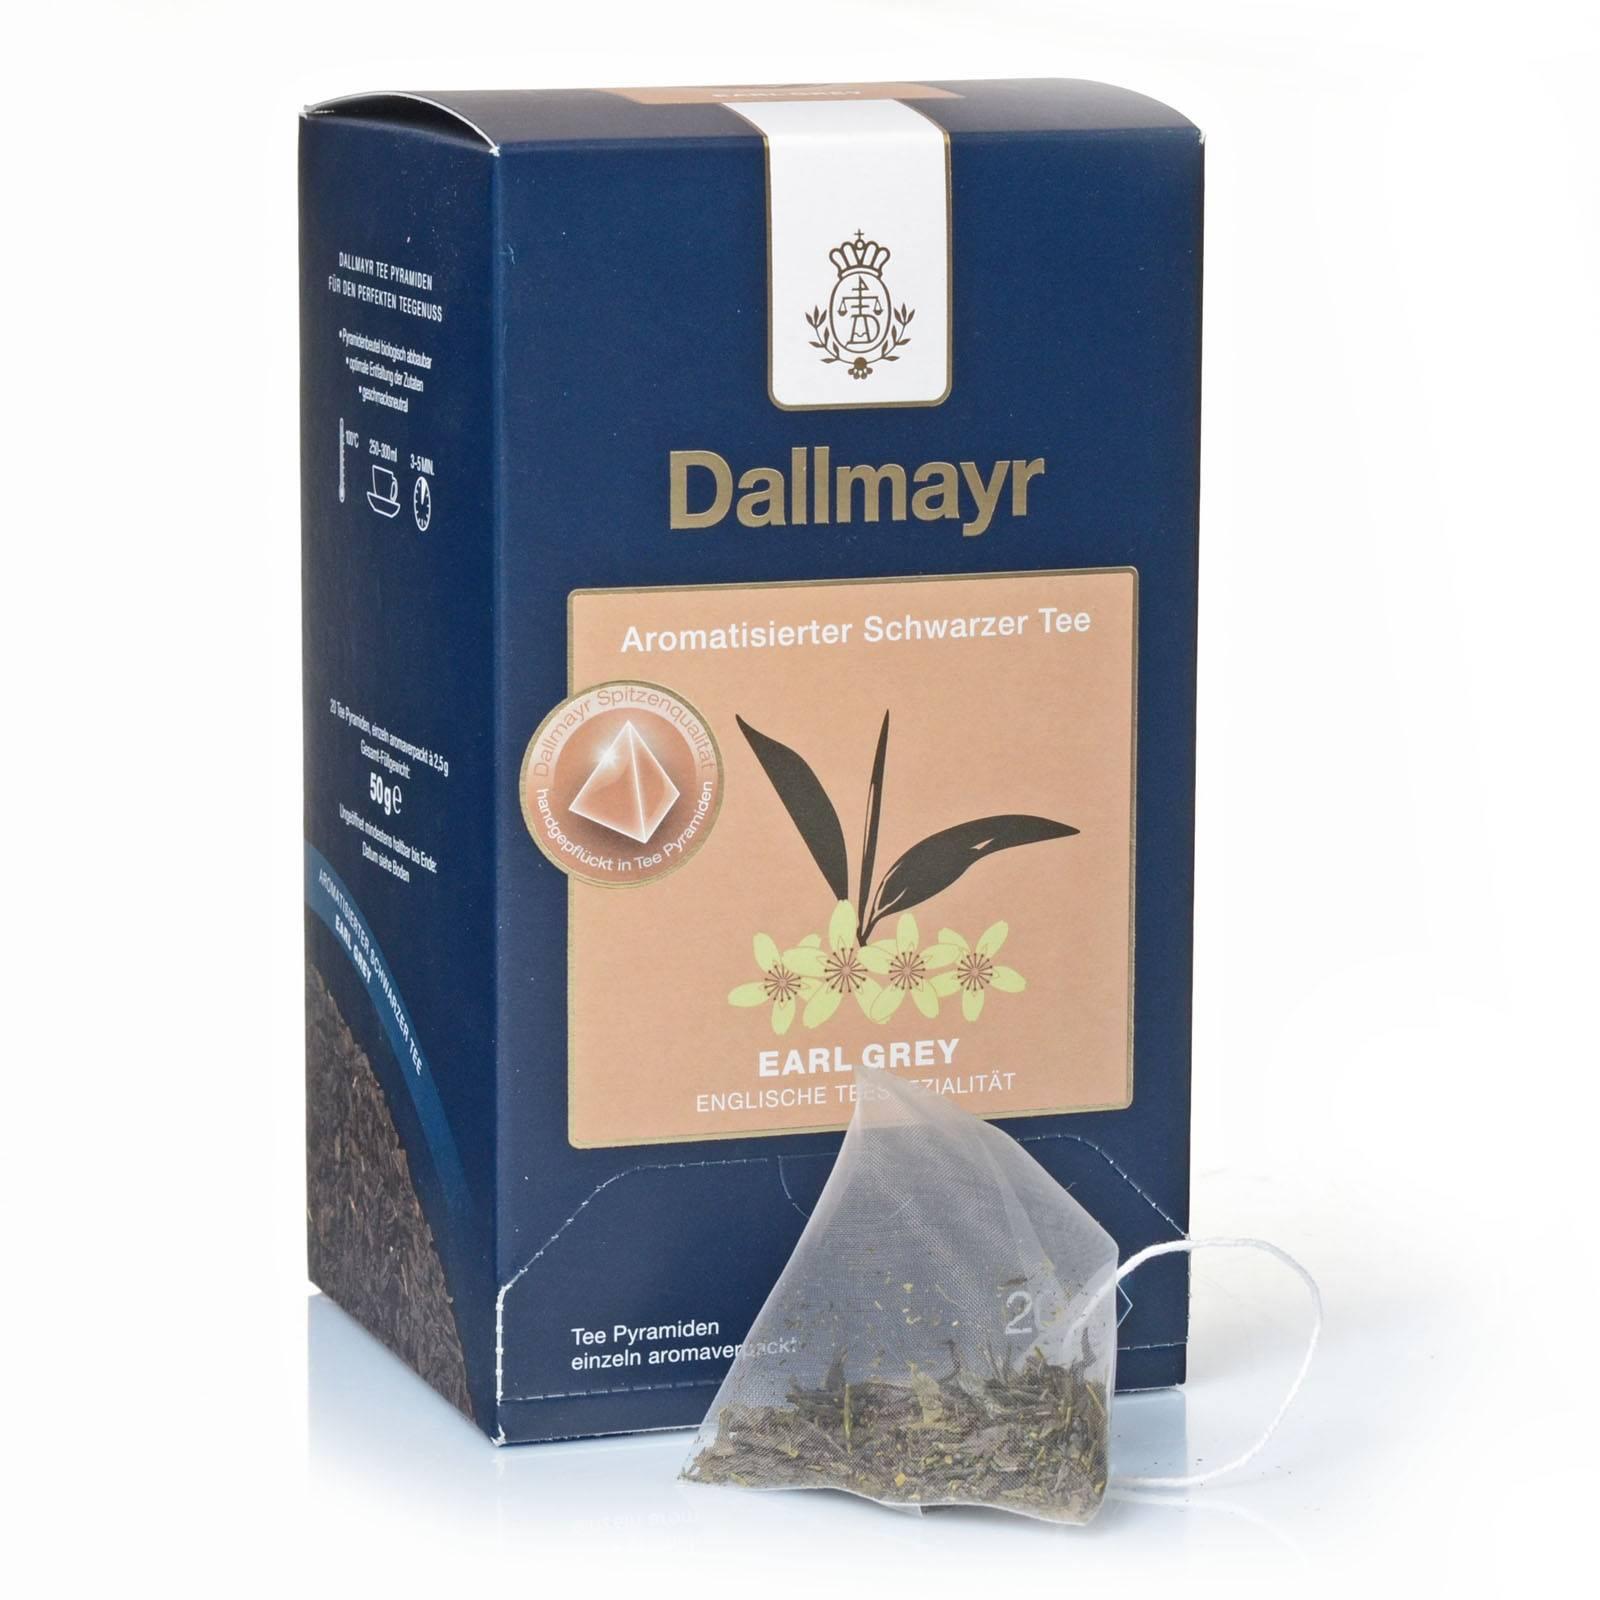 dallmayr earl grey tee pyramiden 20 x 25g aromatisierter schwarztee ebay. Black Bedroom Furniture Sets. Home Design Ideas